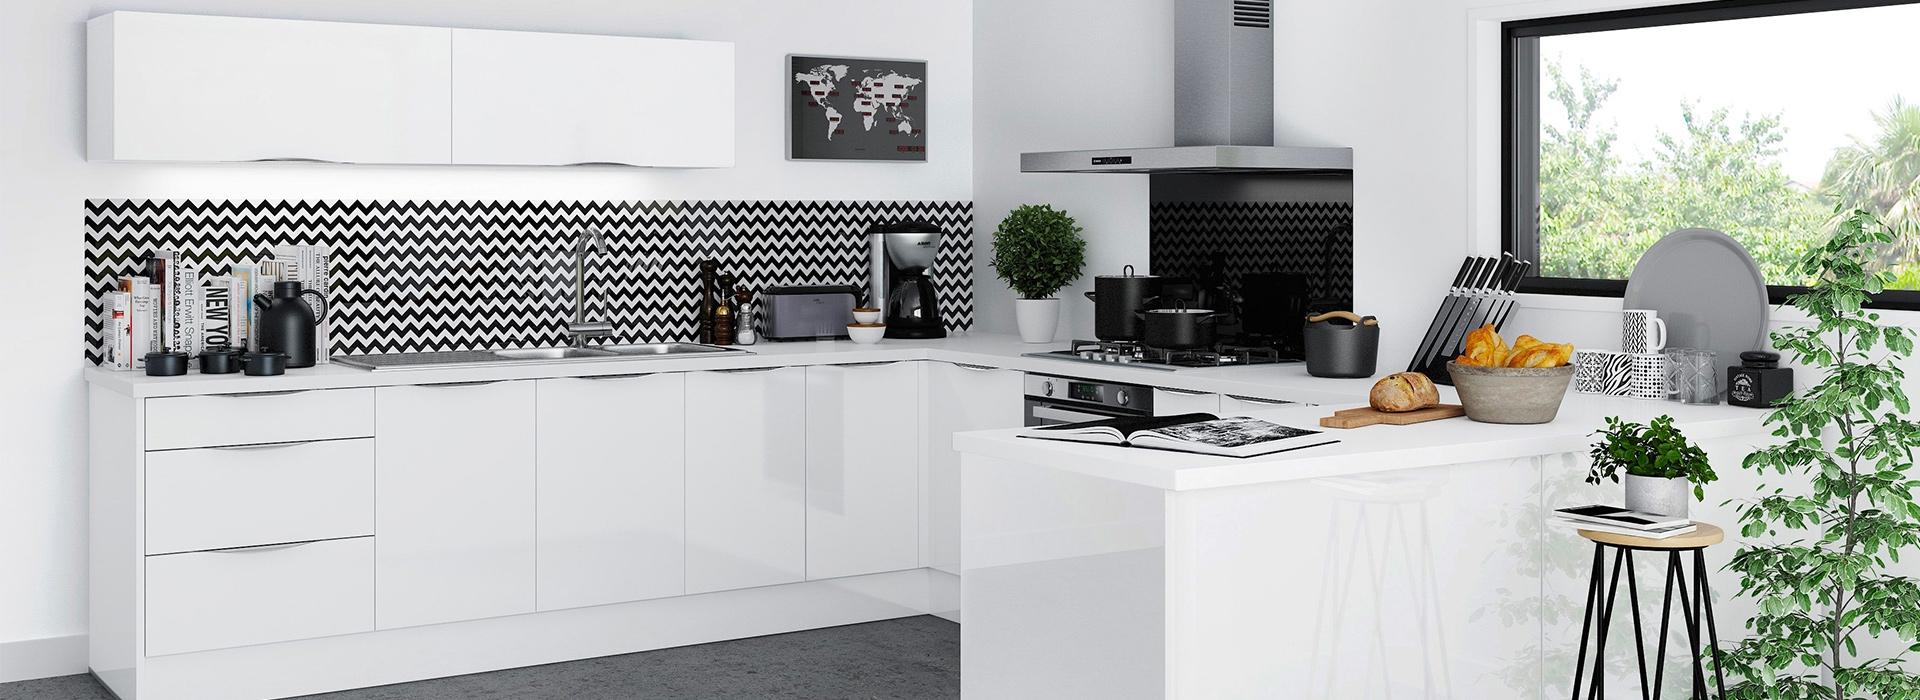 Peinture Laquee Pour Meuble De Cuisine choisir du laqué pour les façades des meubles de cuisine